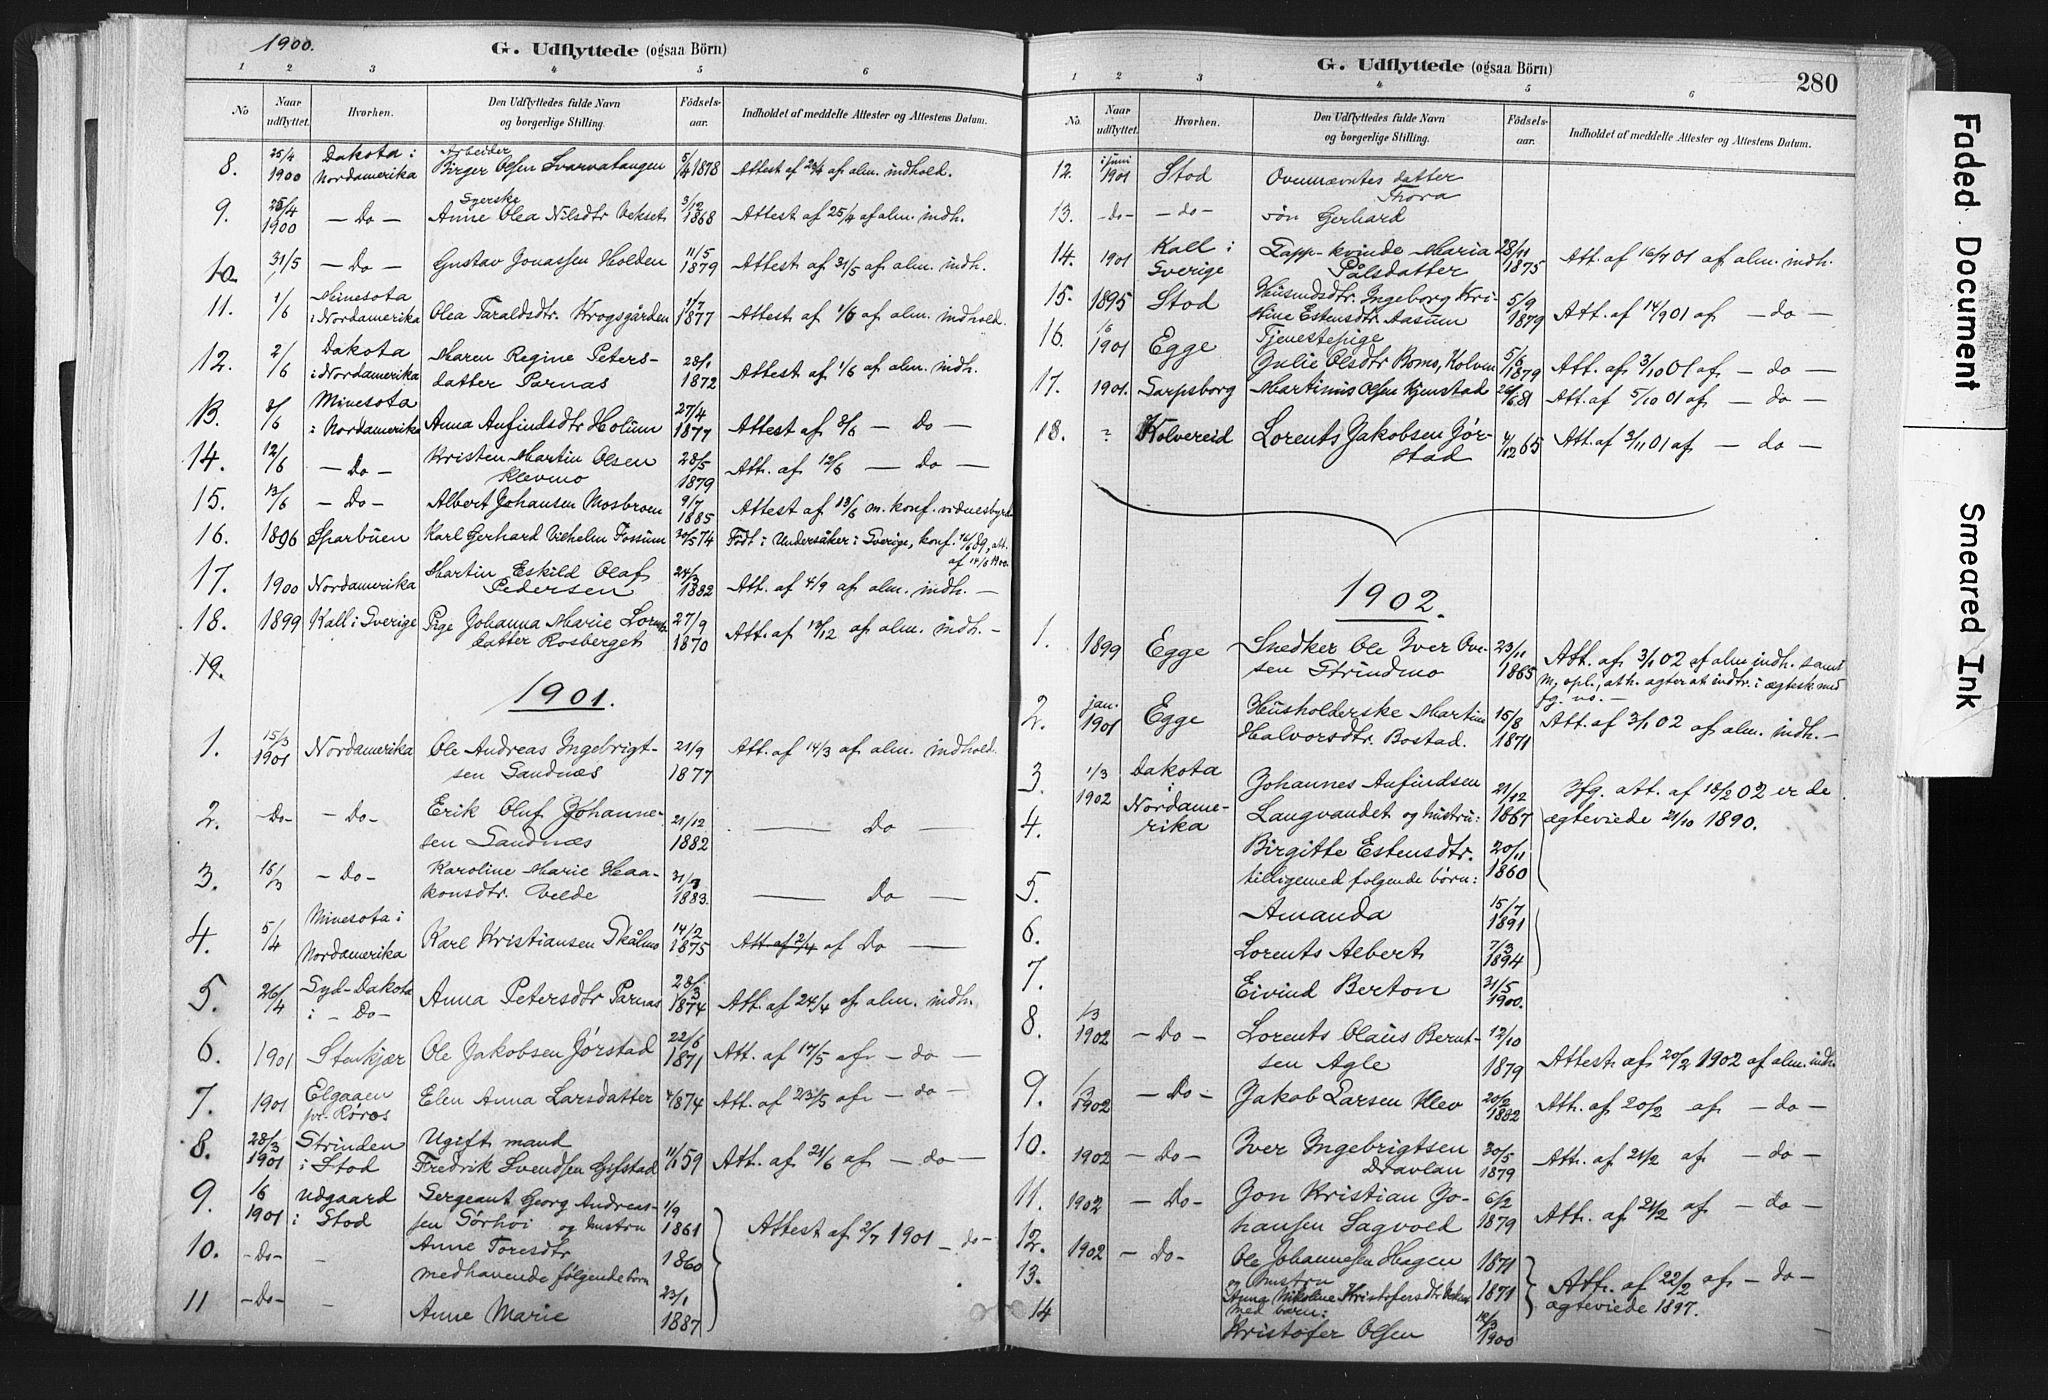 SAT, Ministerialprotokoller, klokkerbøker og fødselsregistre - Nord-Trøndelag, 749/L0474: Ministerialbok nr. 749A08, 1887-1903, s. 280